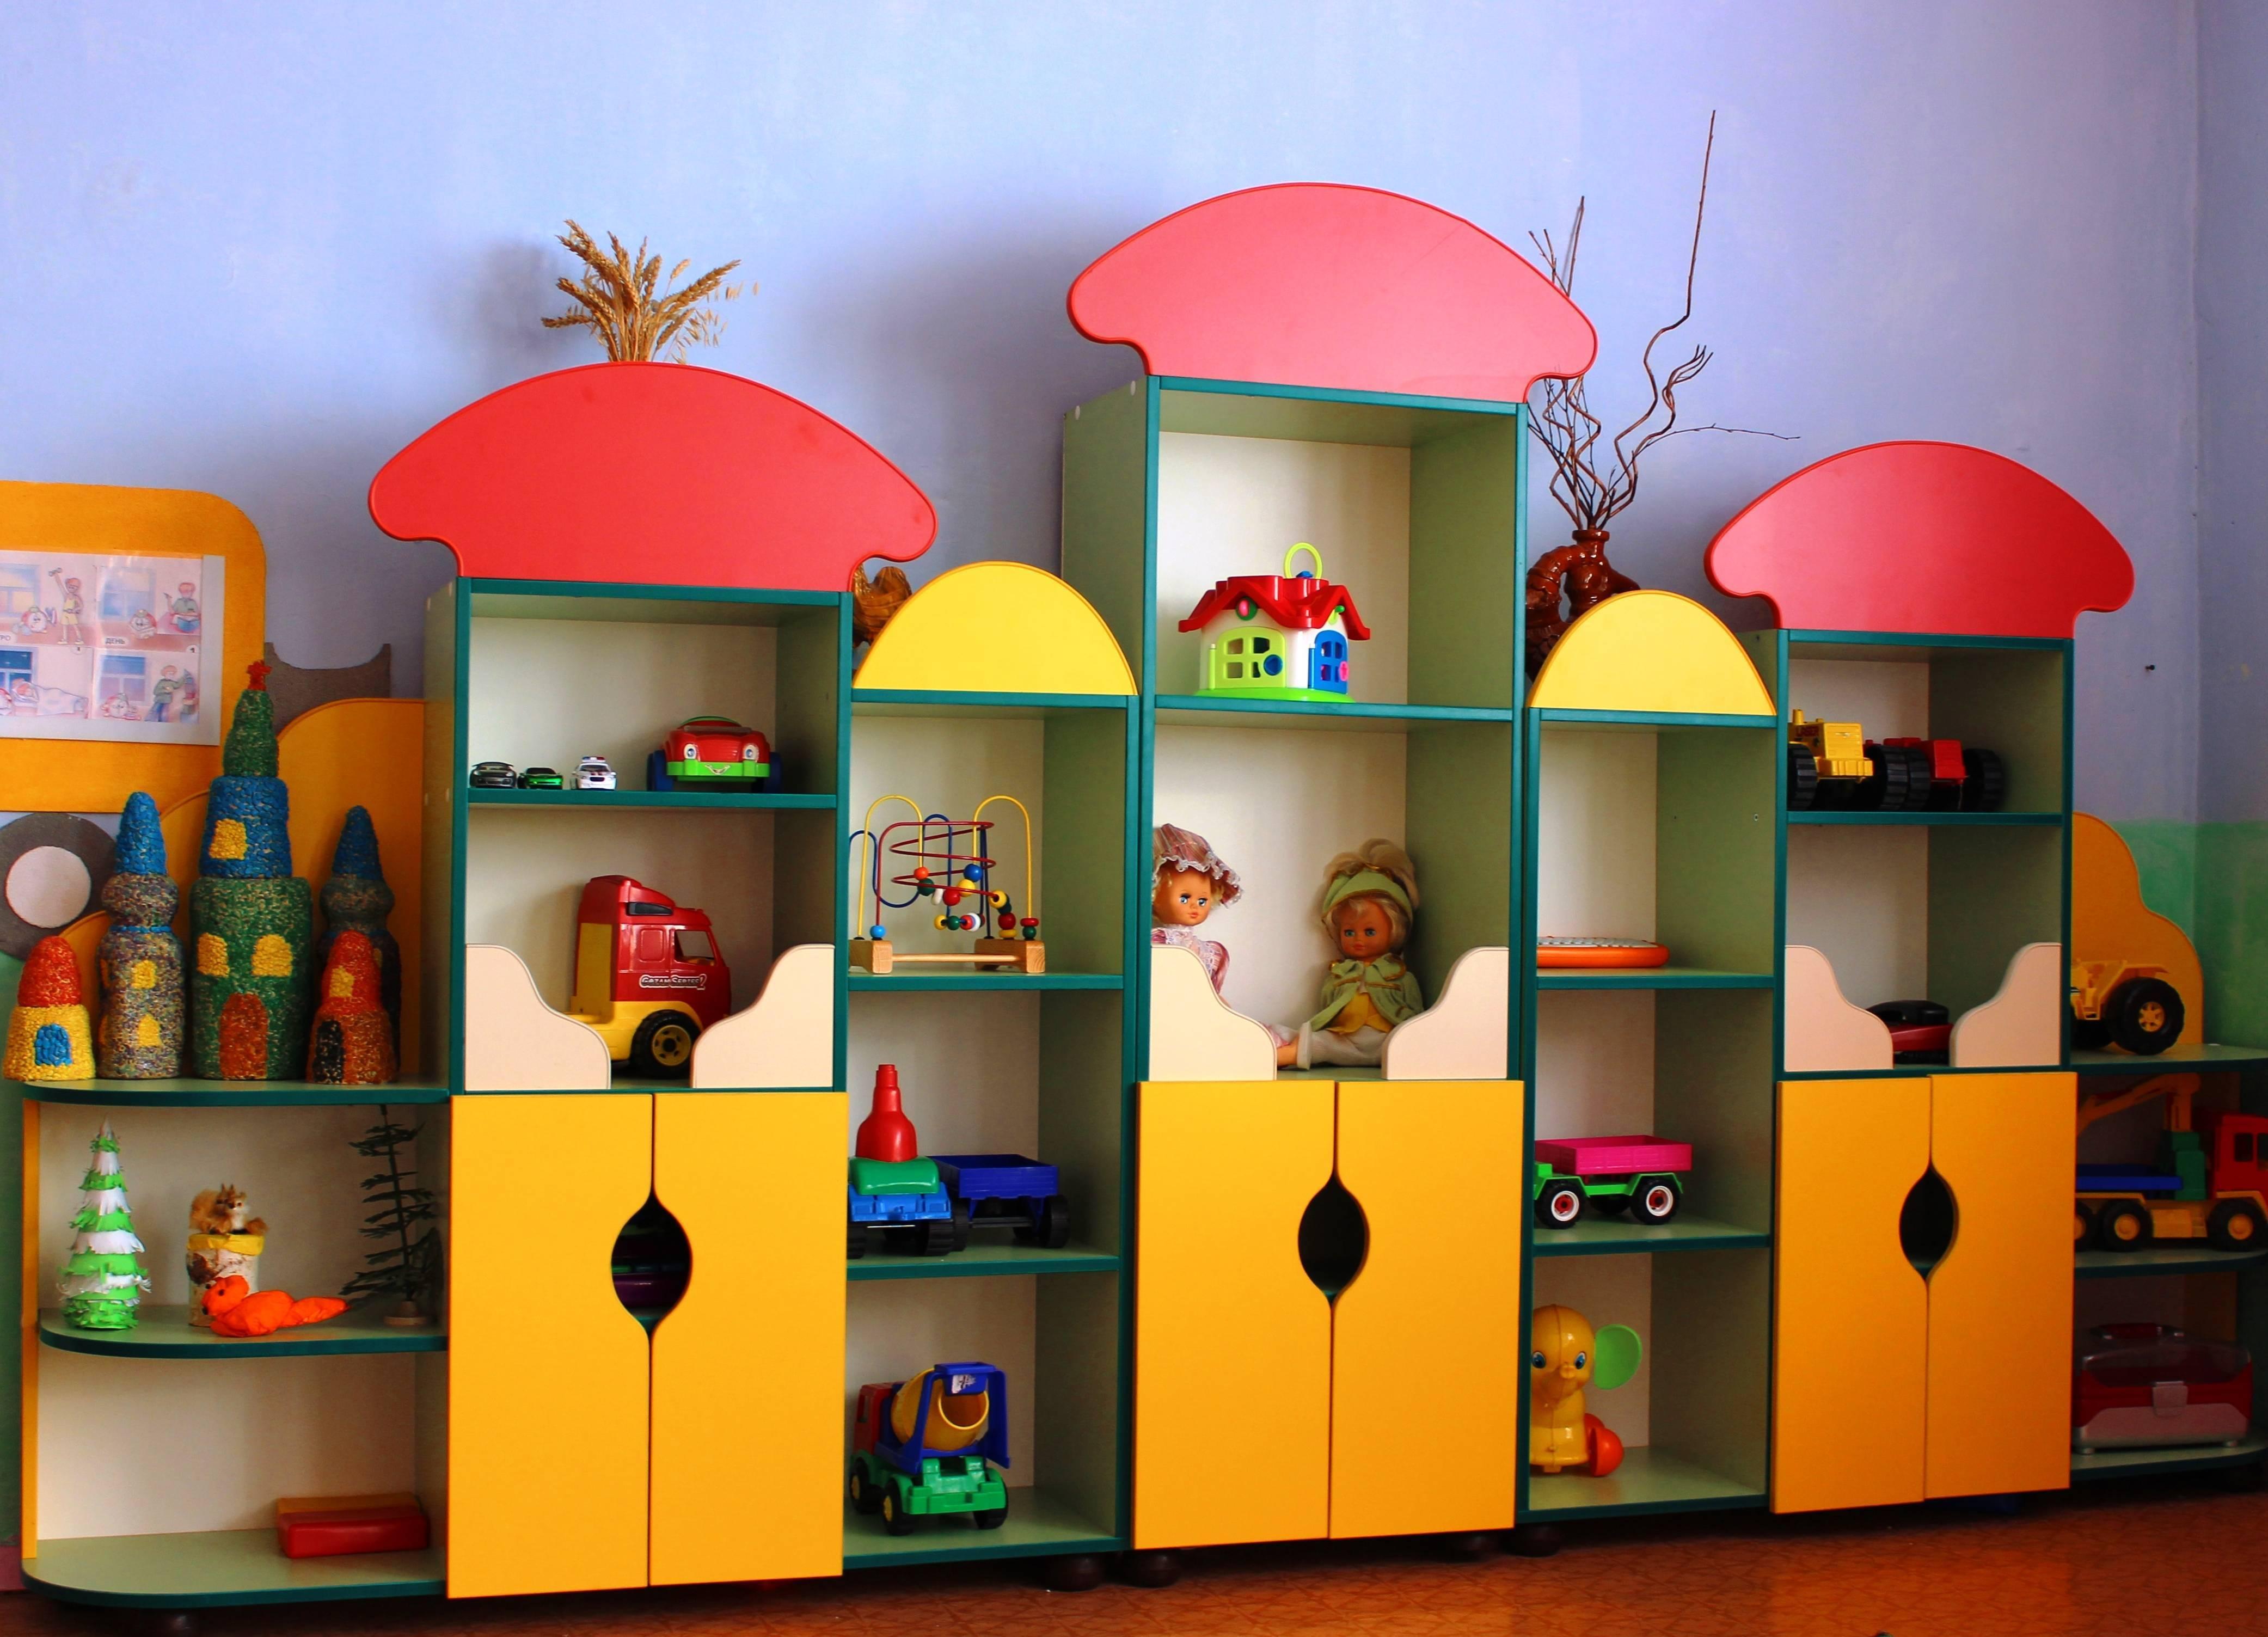 Kakaya-krovatka-luchshe-dlya-novorozhdennogo - запись пользователя валентина (id2228437) в сообществе выбор товаров в категории детская комната : мебель, предметы интерьера и аксессуары - babyblog.ru